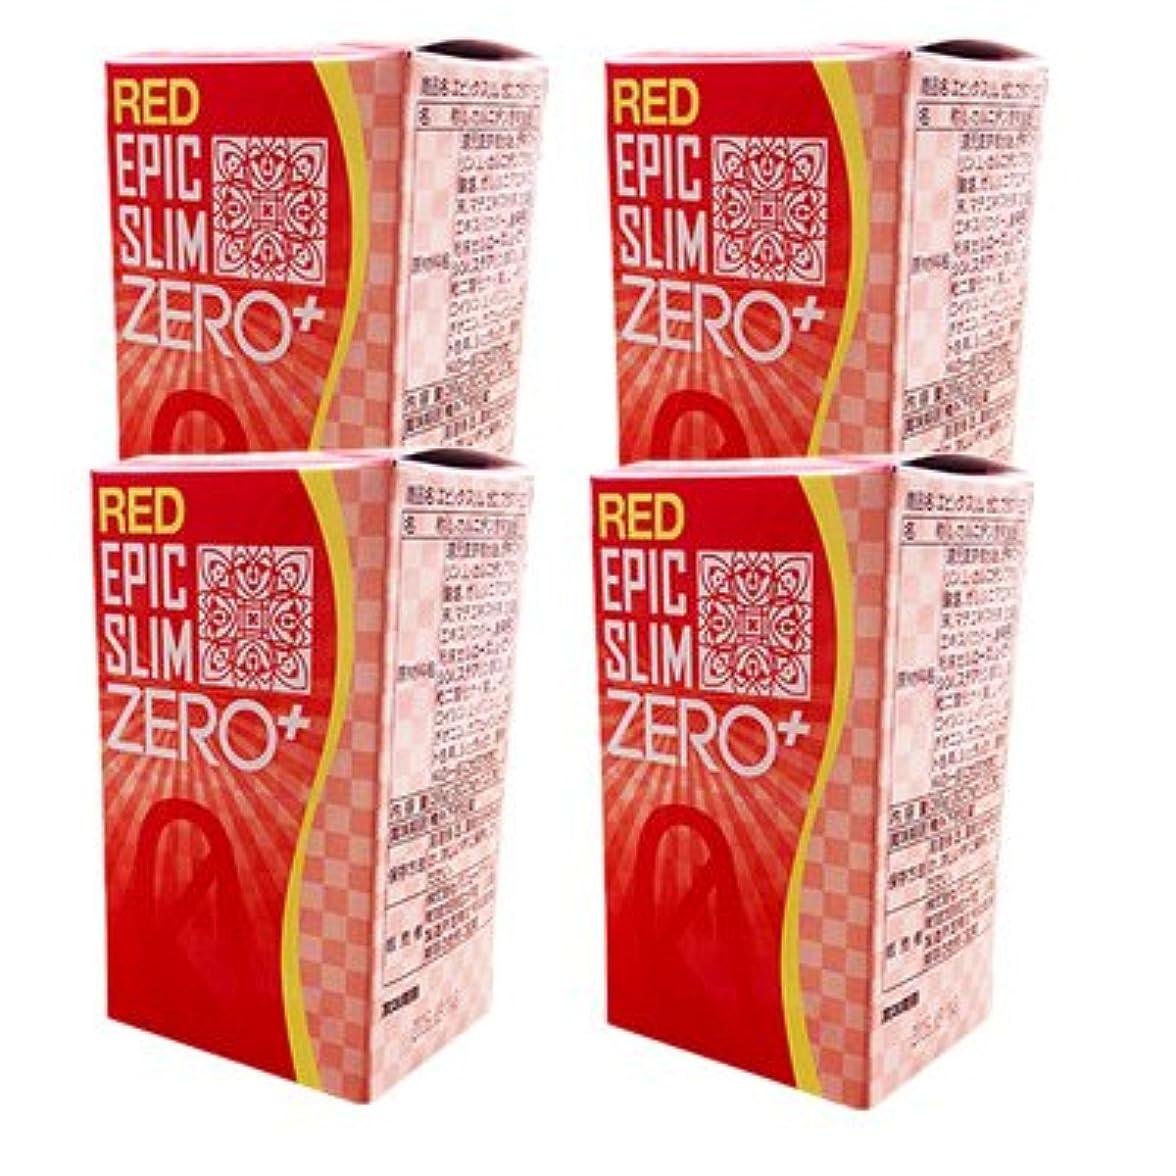 キモいスキニーに話すレッド エピックスリム ゼロ レッド 4個セット!  Epic Slim ZERO RED ×4個